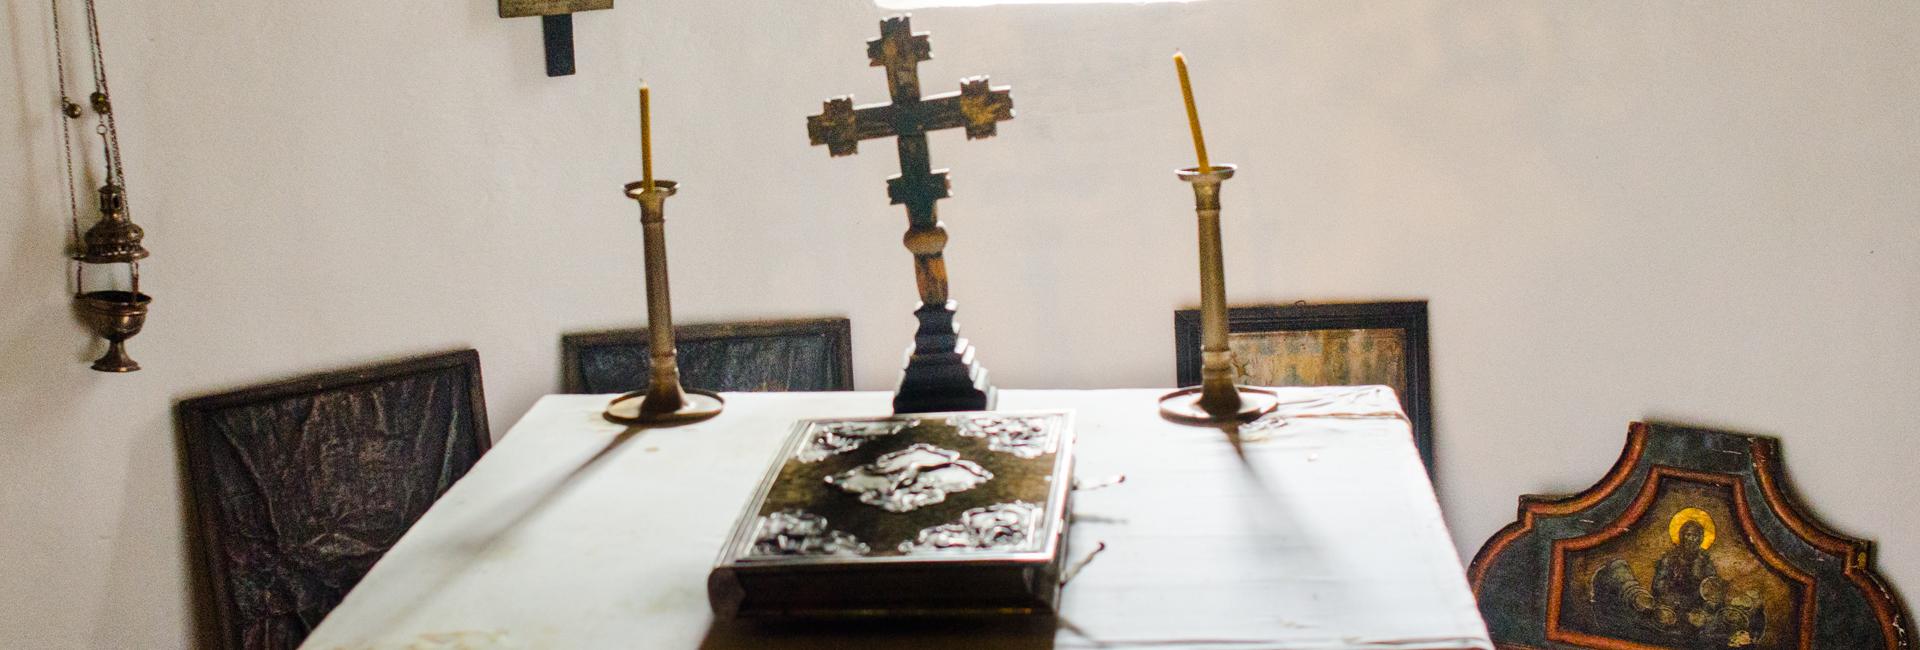 sufletul românesc unghiuri drepte românii slider